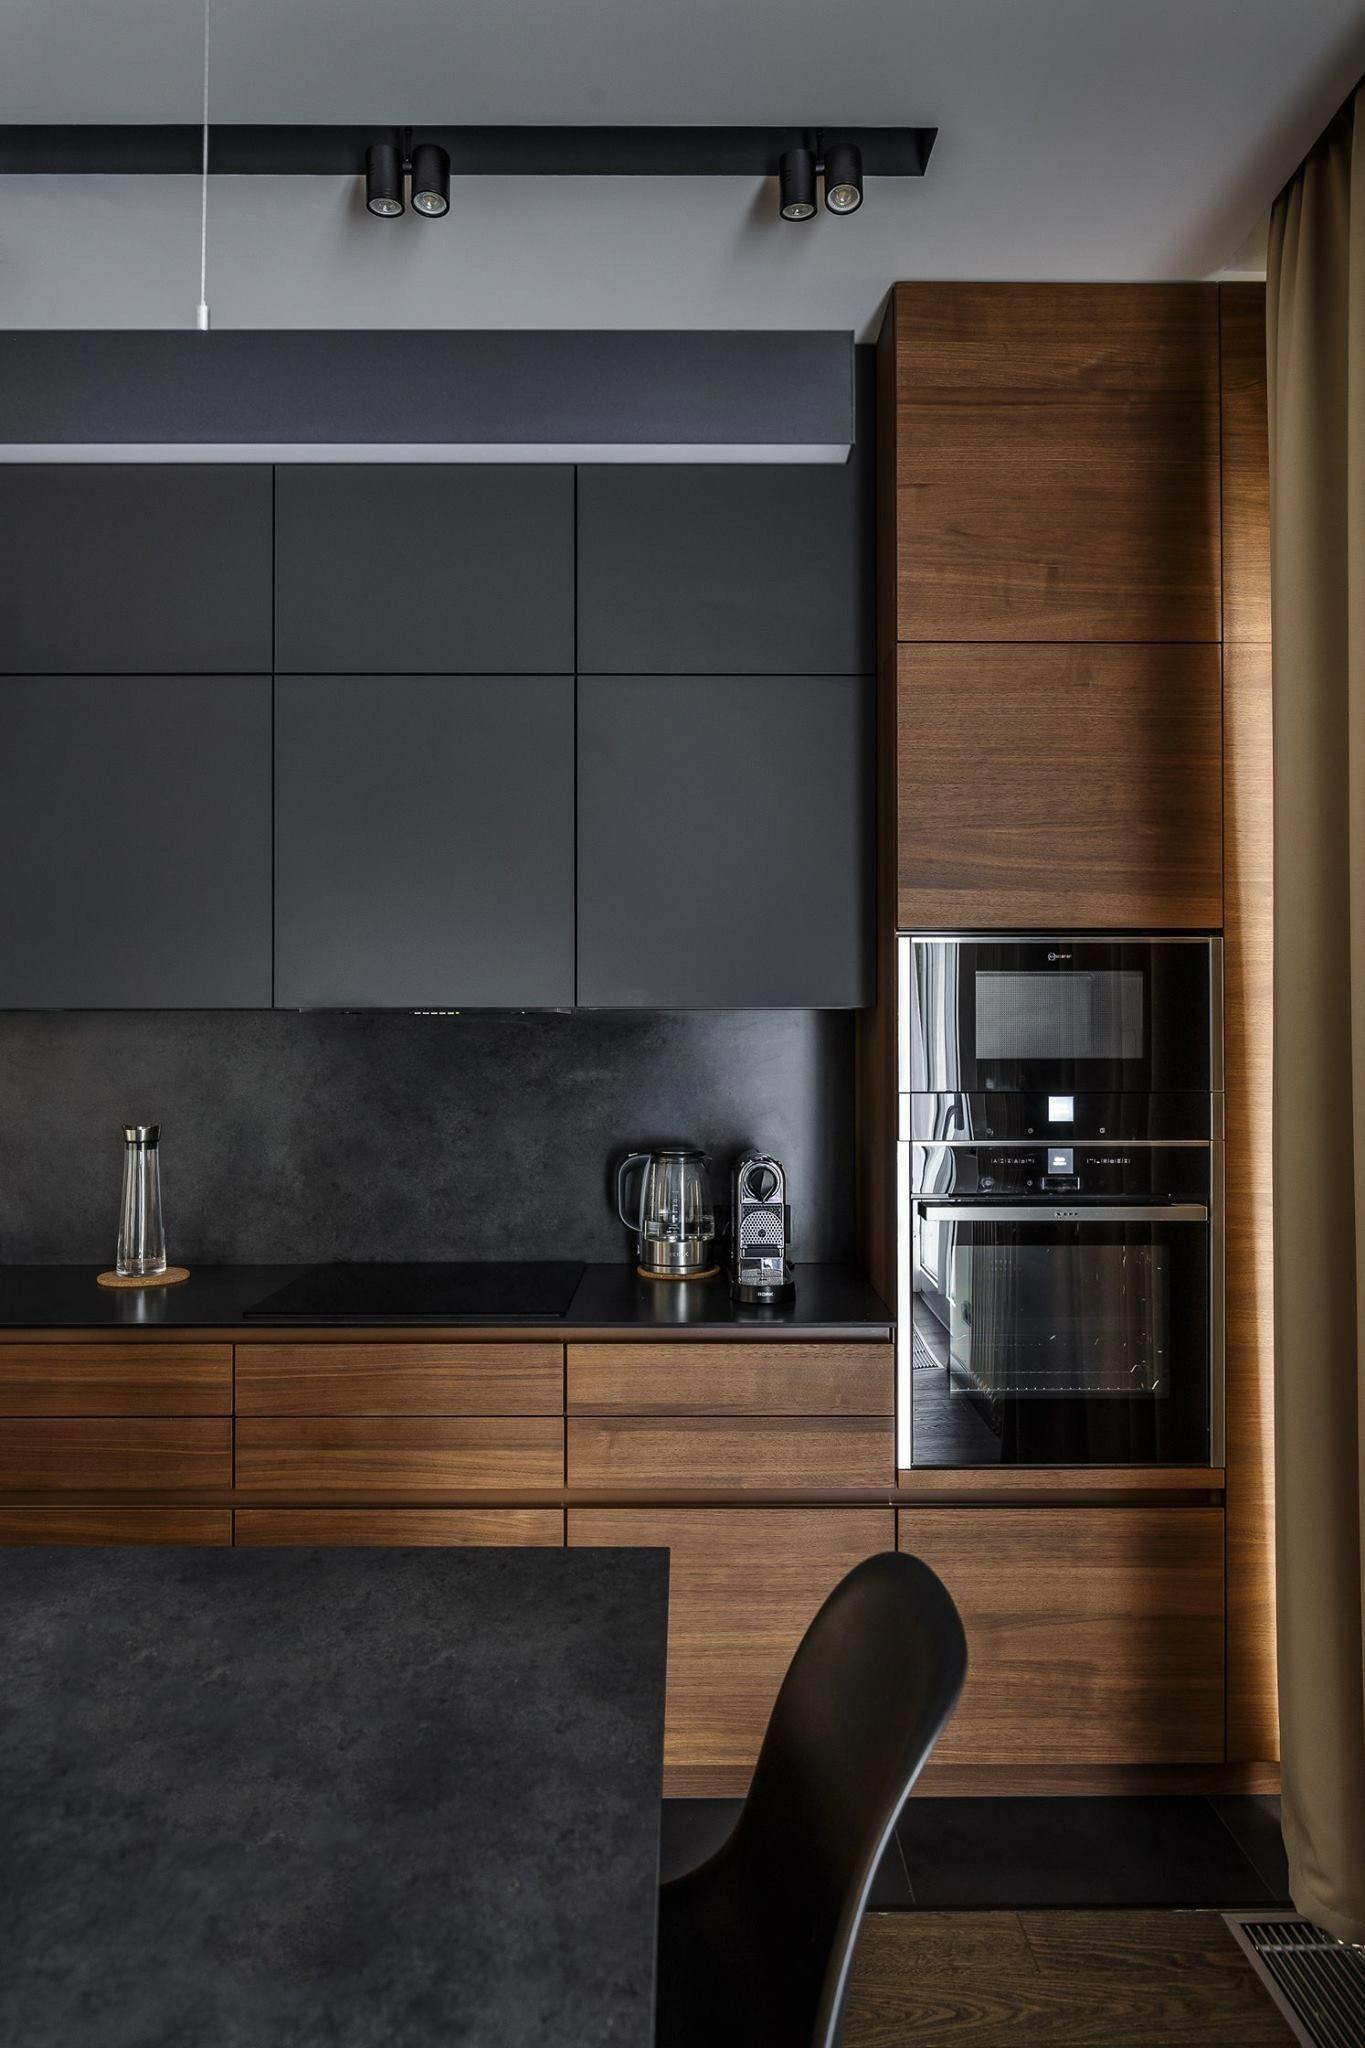 Modern, dark interior kitchen design. Kitchen interiordesign ...